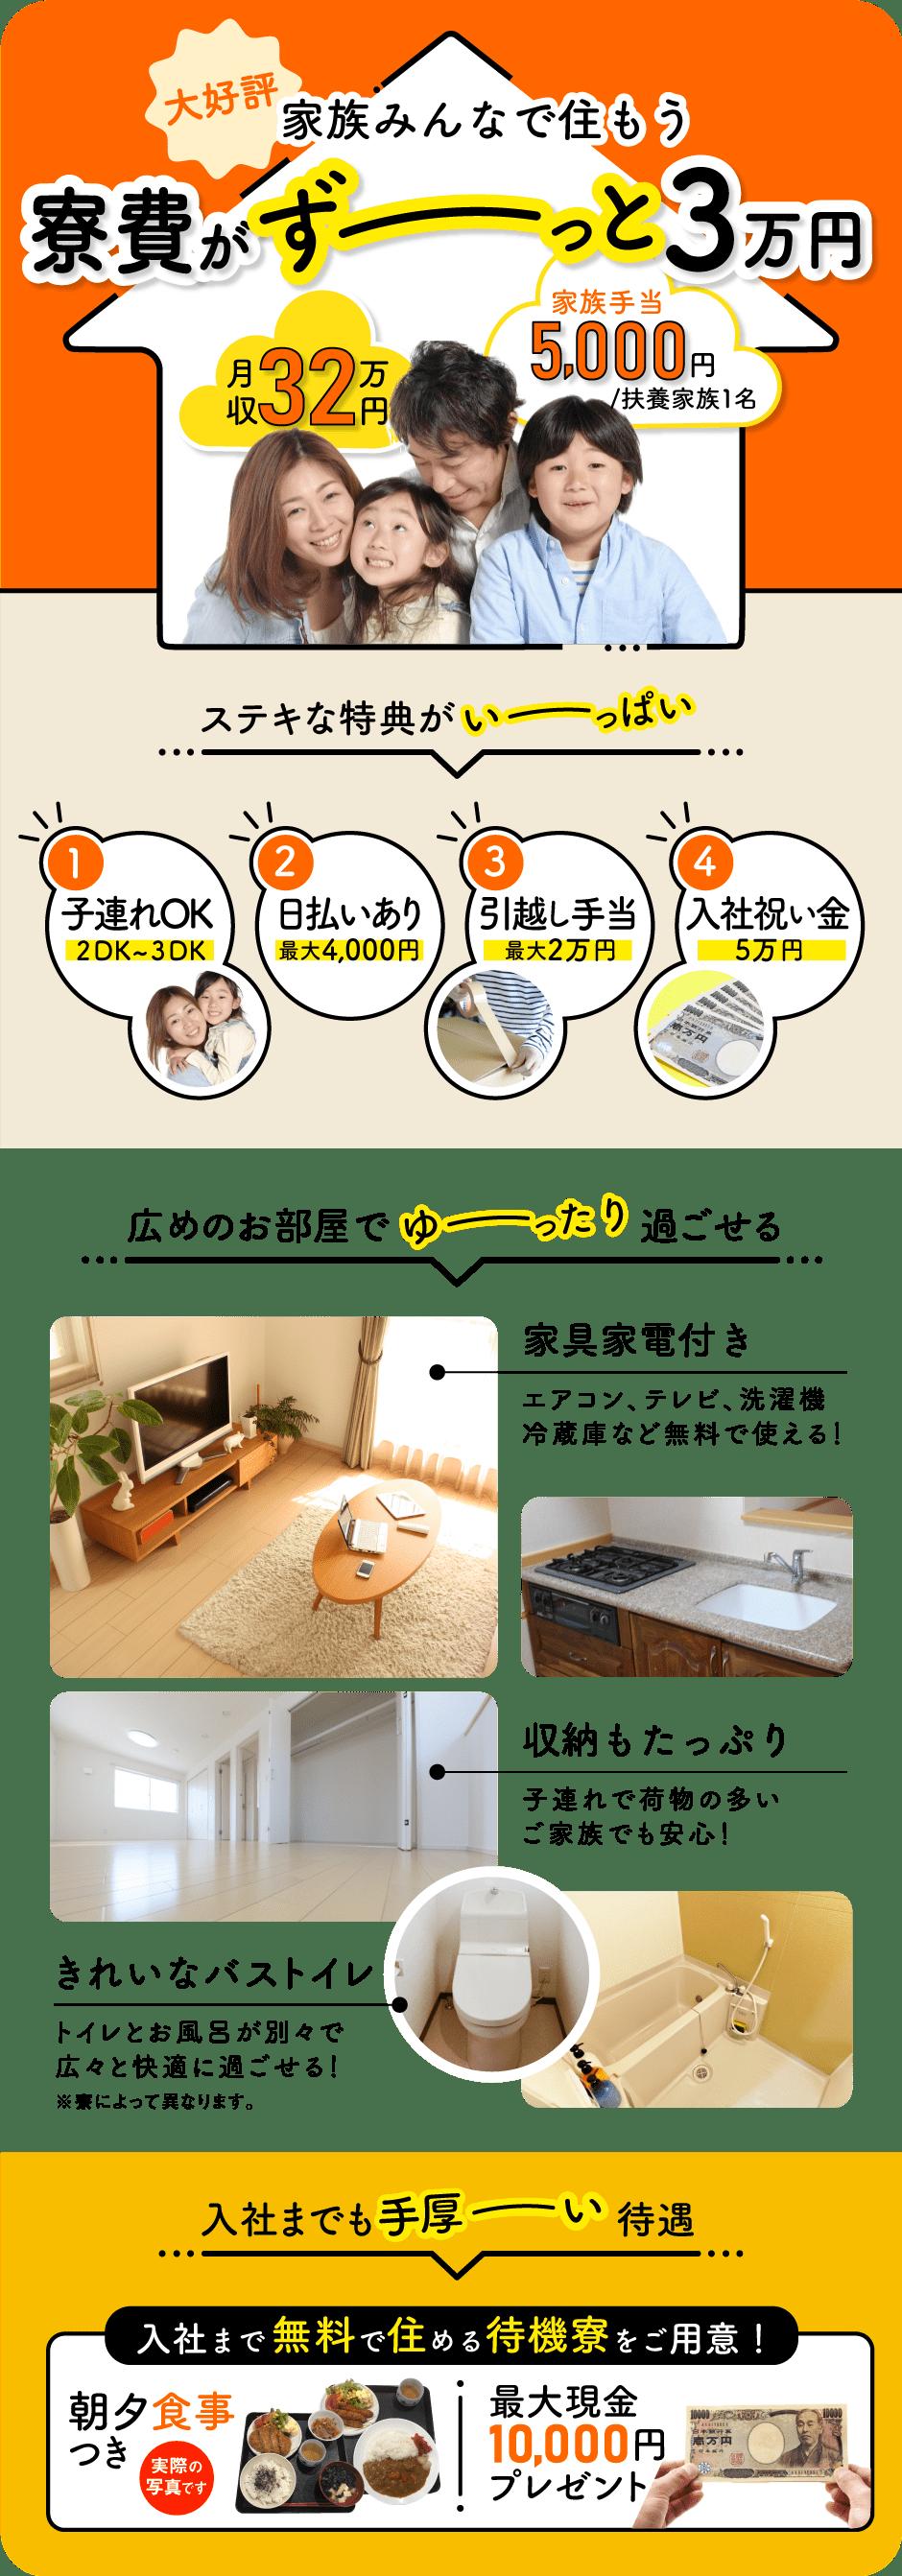 家族みんなで住もう・寮費がずーっと3万円